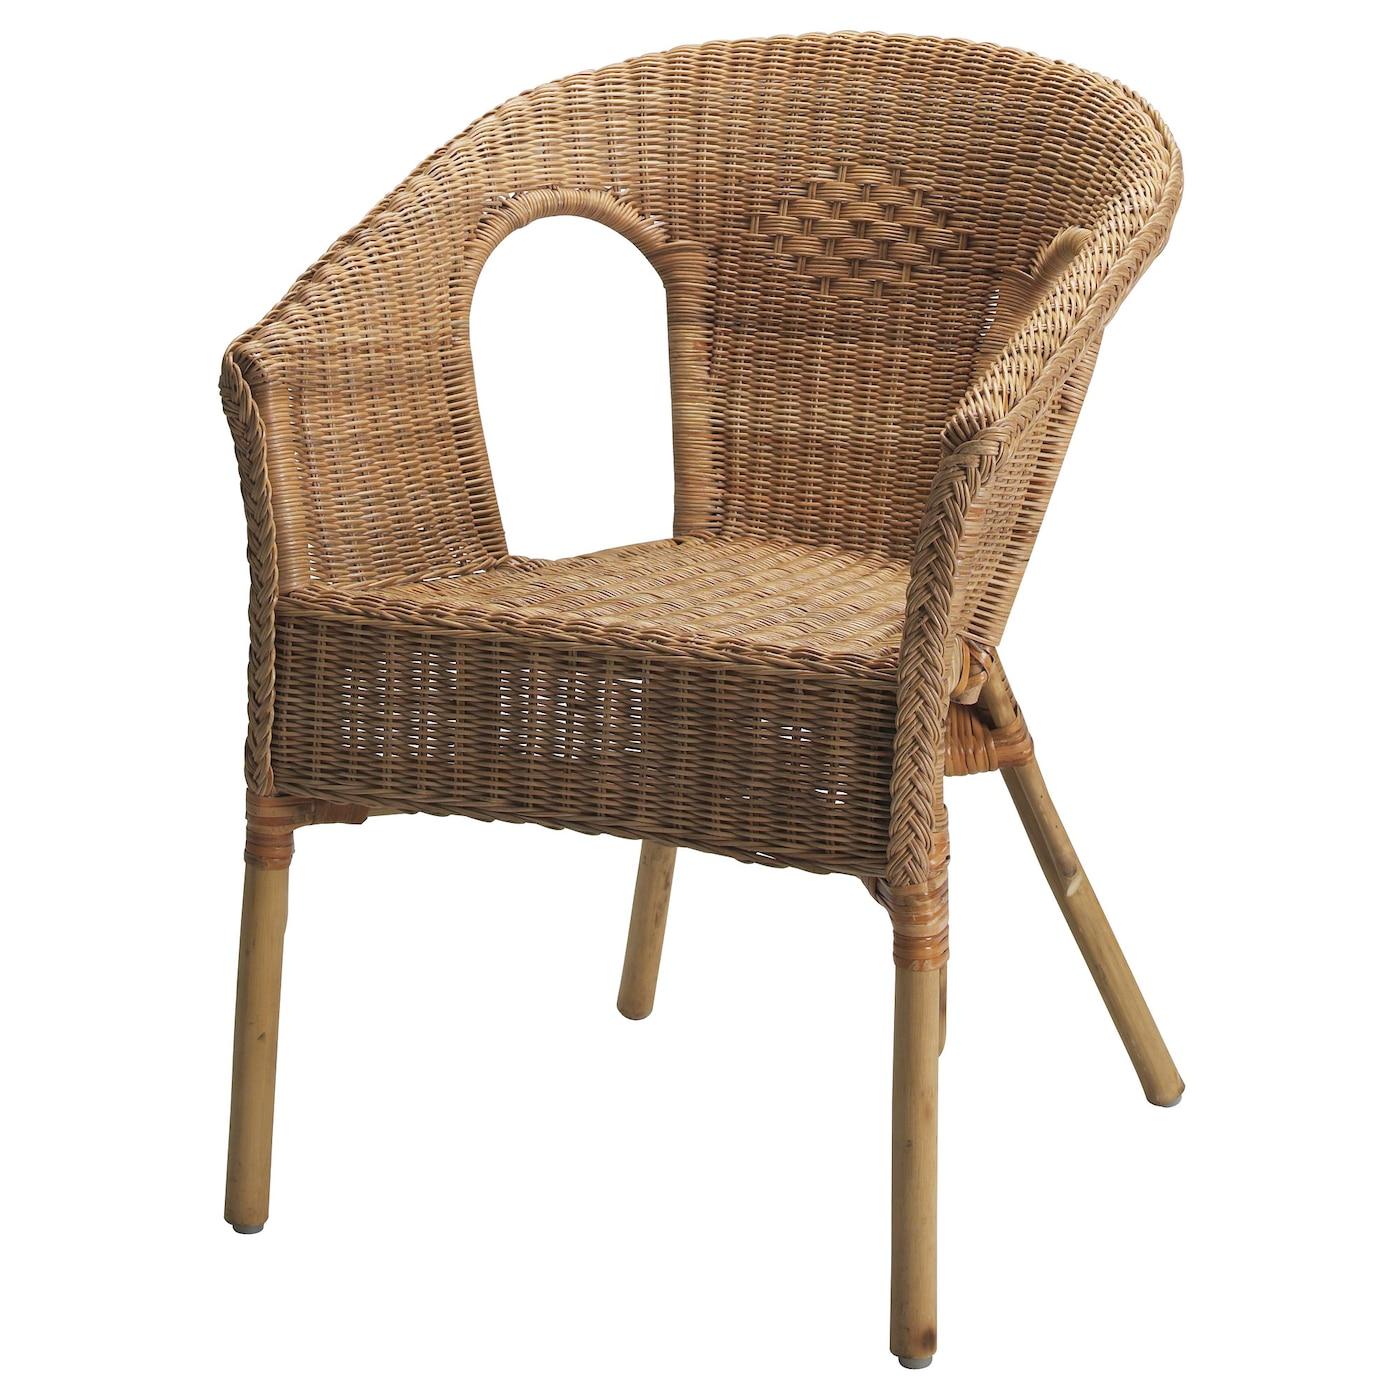 chair-rattan-bamboo__31428_PE120743_S5